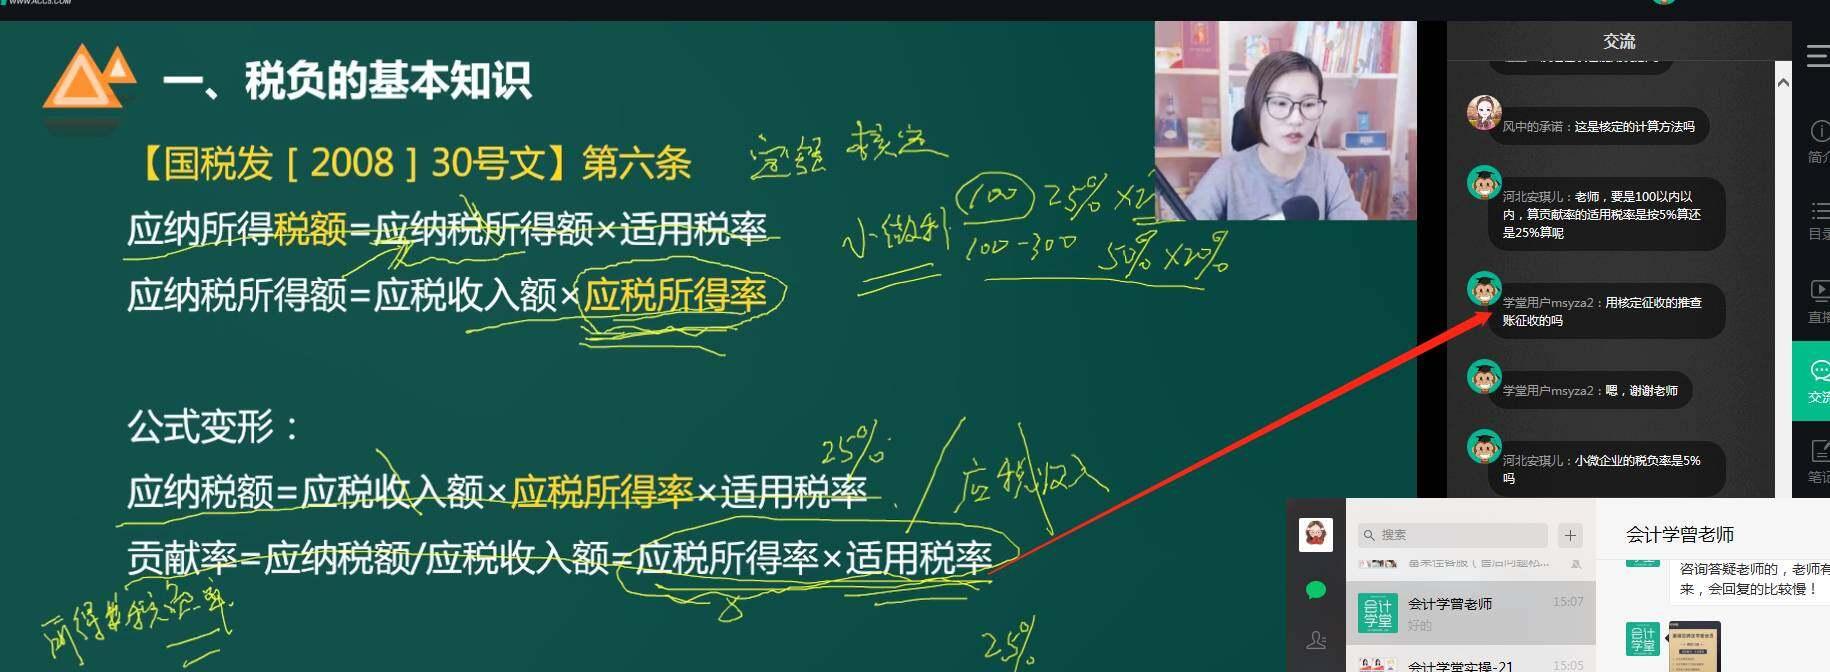 老师,熊老师在讲课时,说这个核定征收公式可以推查账征收的所得税税负率。请问是怎么推的?能举例说明一下吗?